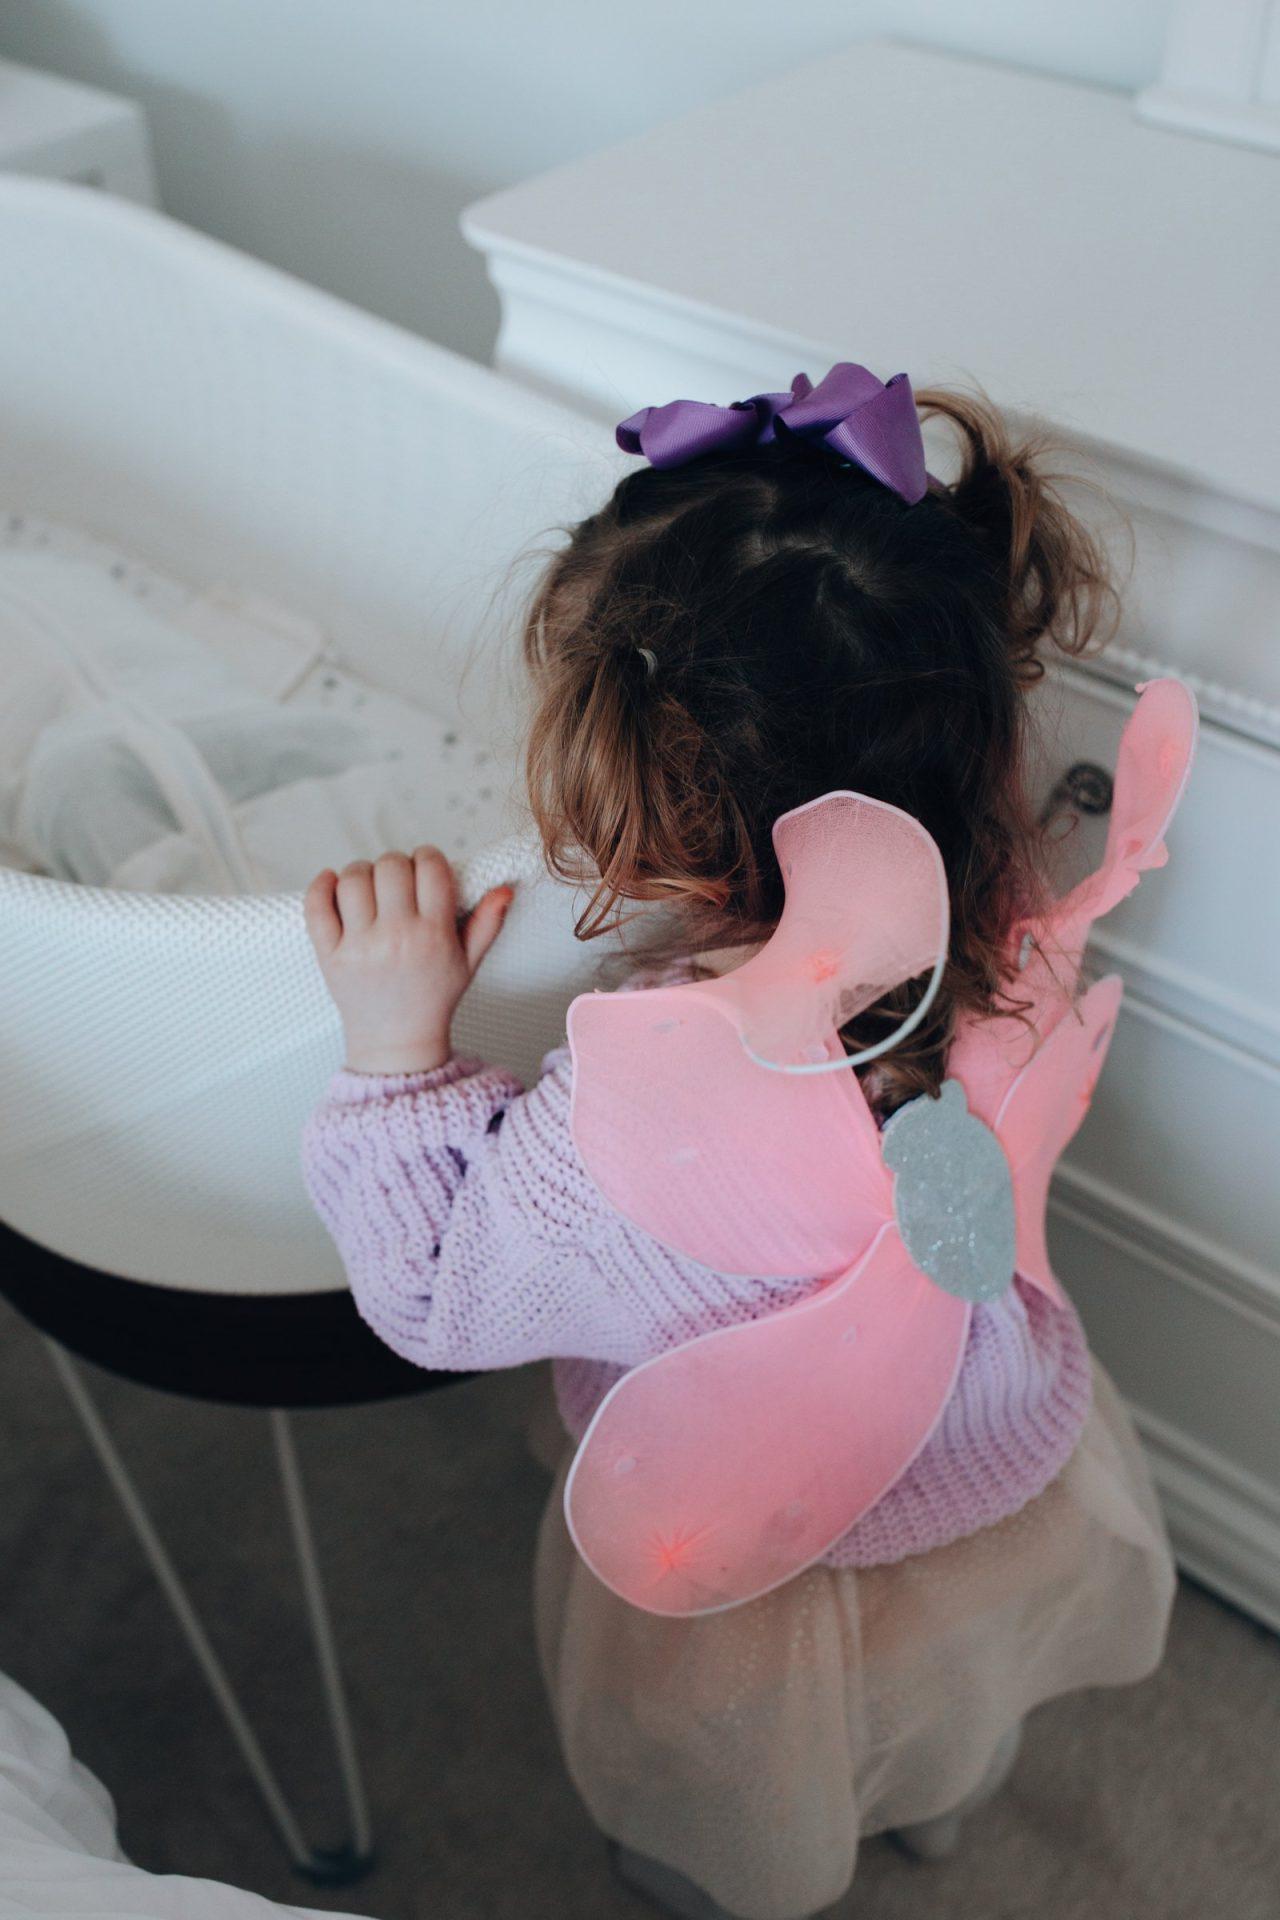 snoo smart sleeper bassinet, snoo review